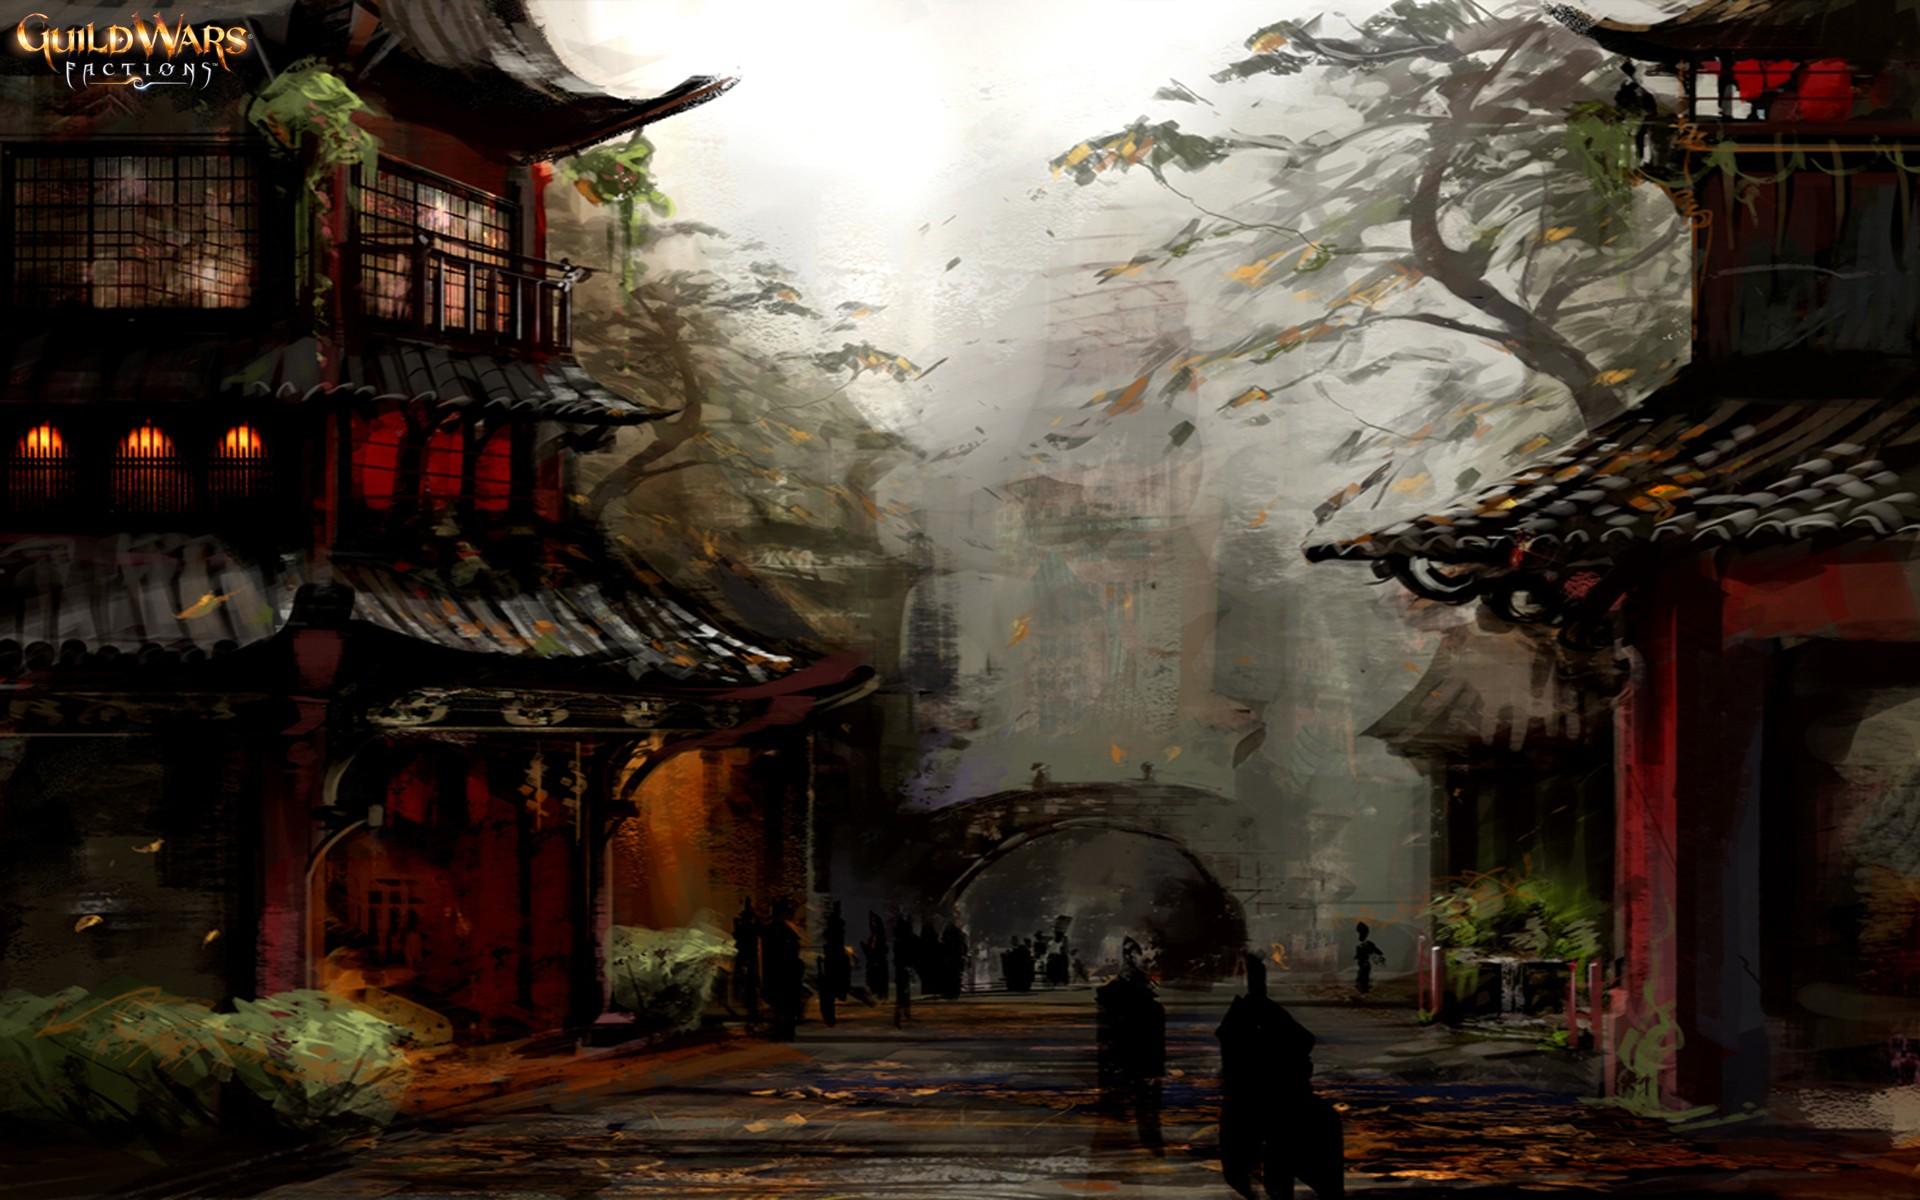 China Wallpaper 1920x1200 Red China Ninjas Katana Samurai Chinese 1920x1200